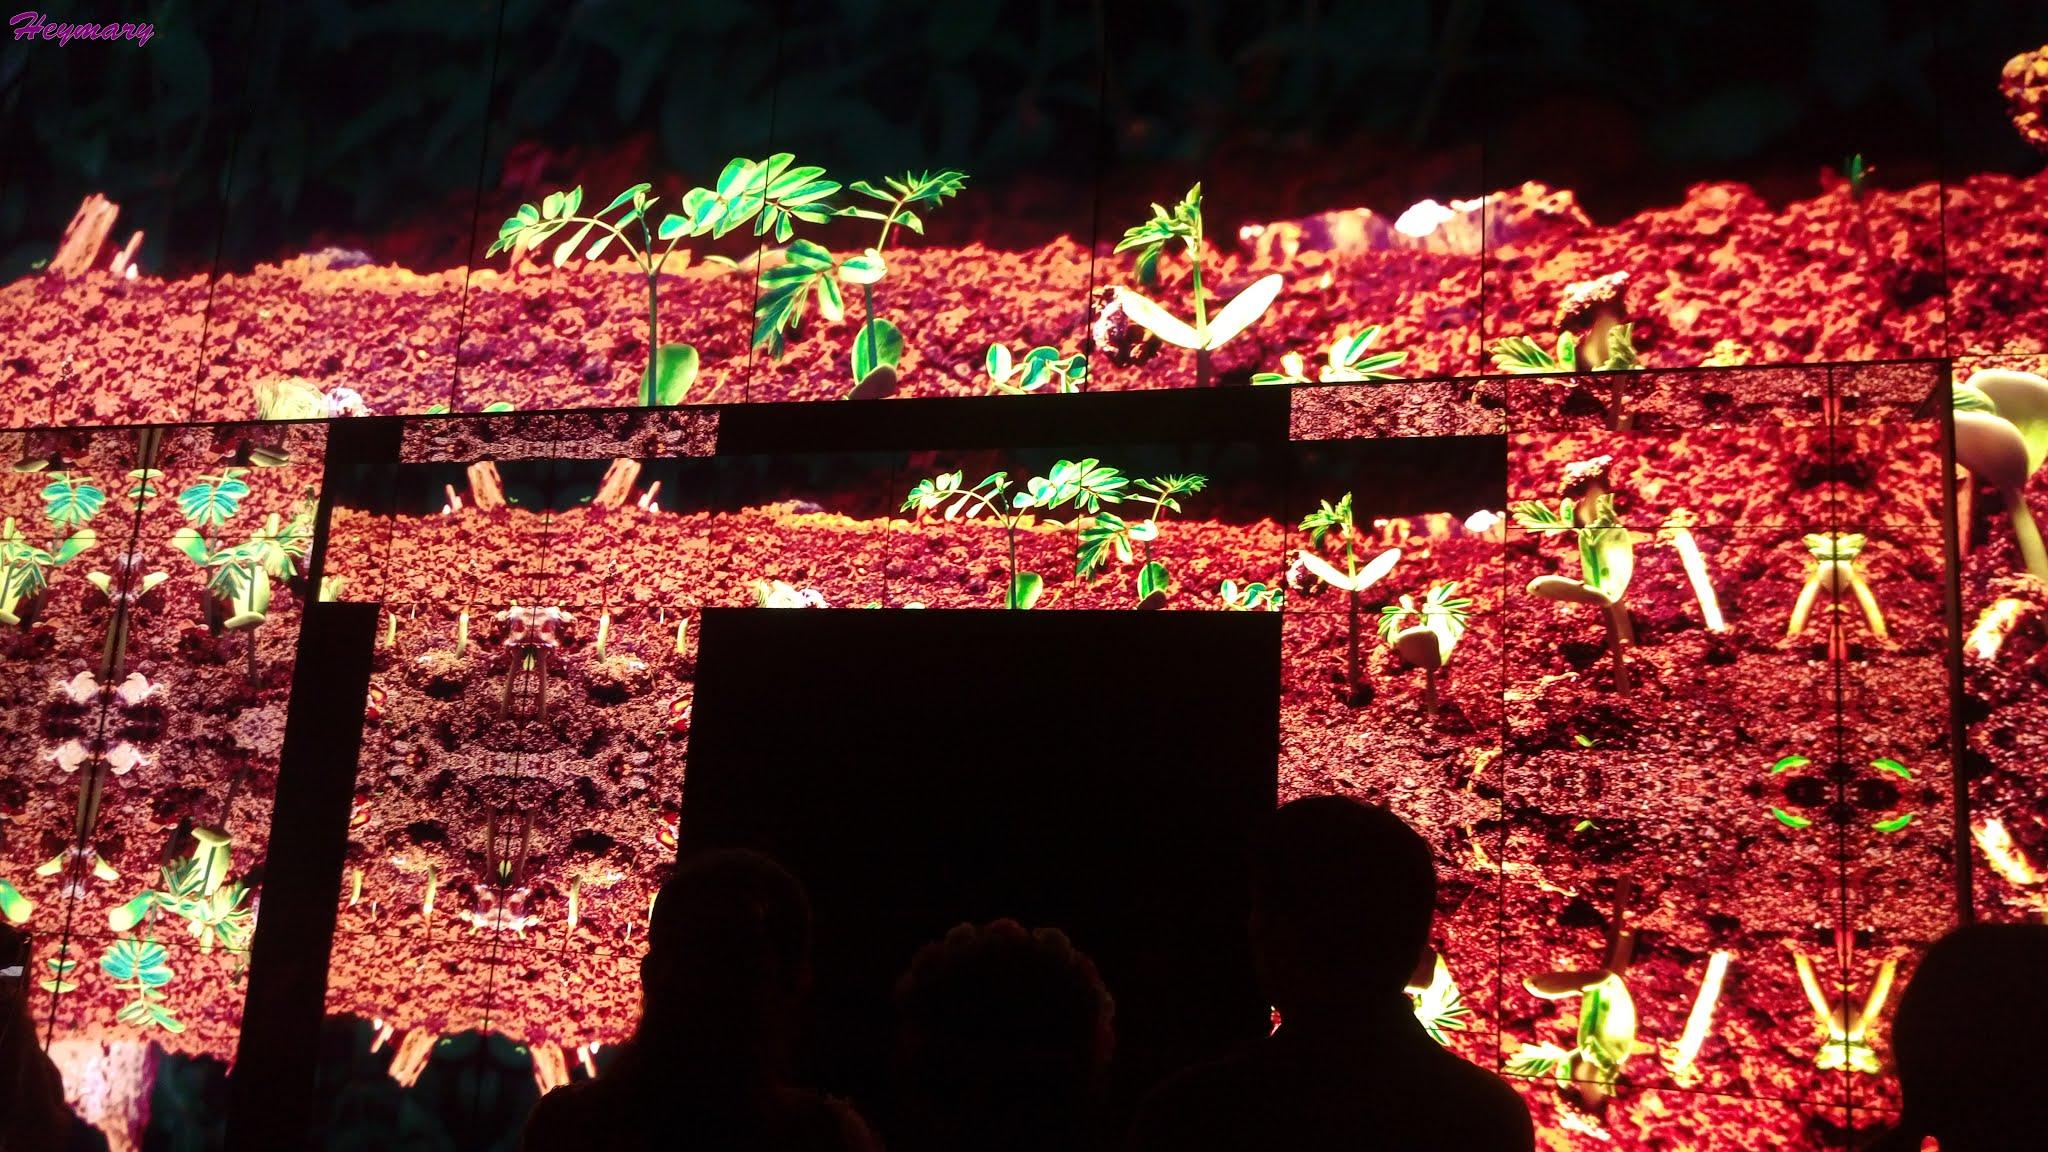 臺中世界花卉博覽會(后里森林園區)